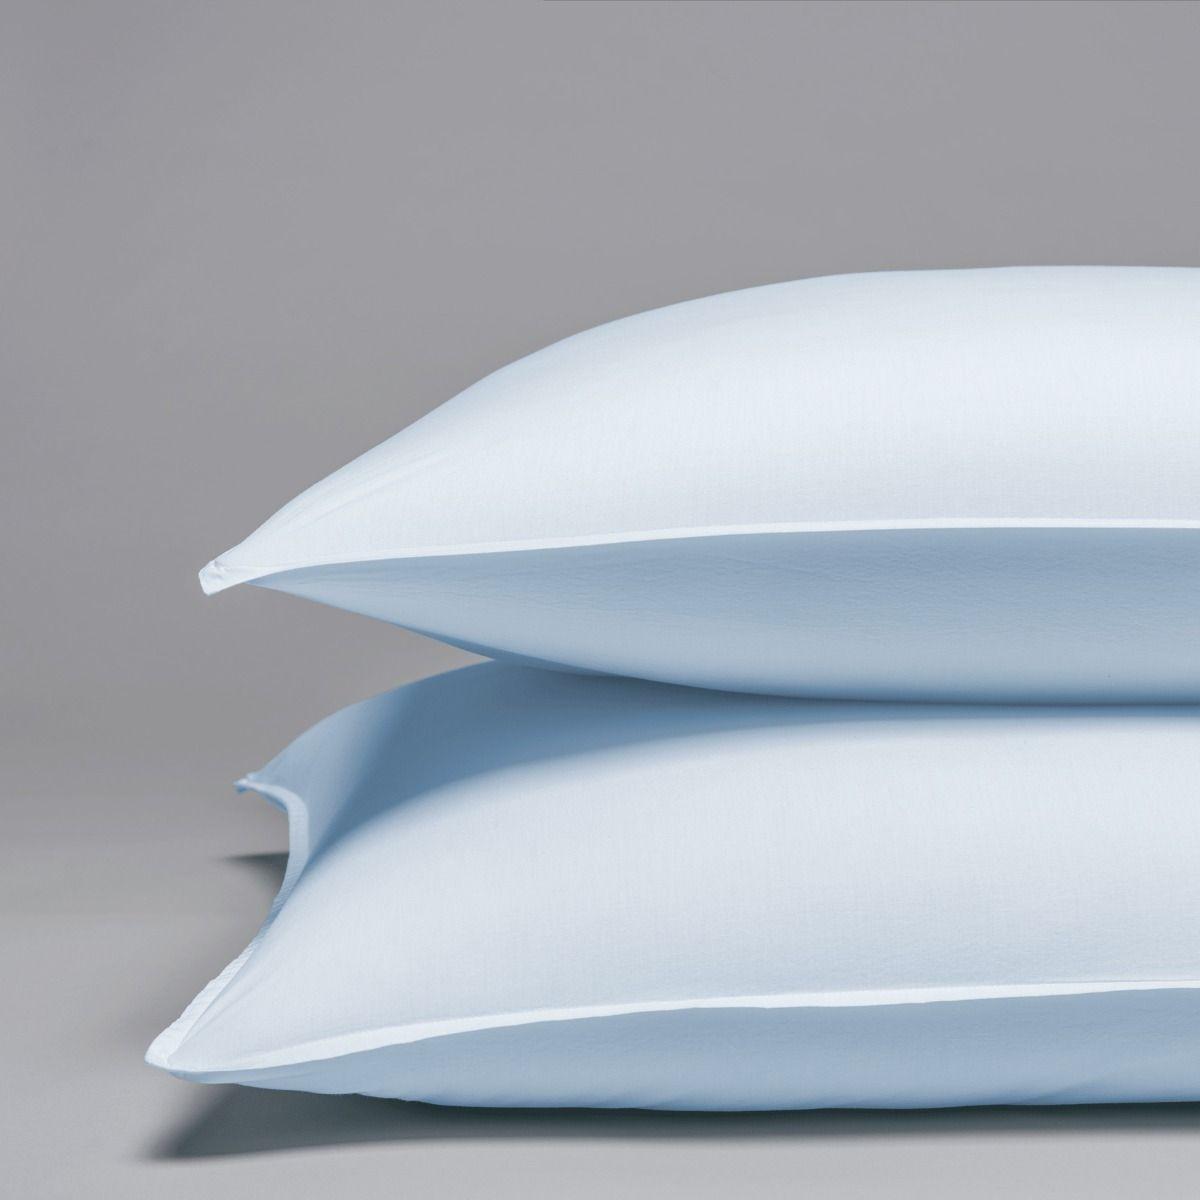 Taie d'oreiller percale lavée de coton peigné 120 fils 65x65